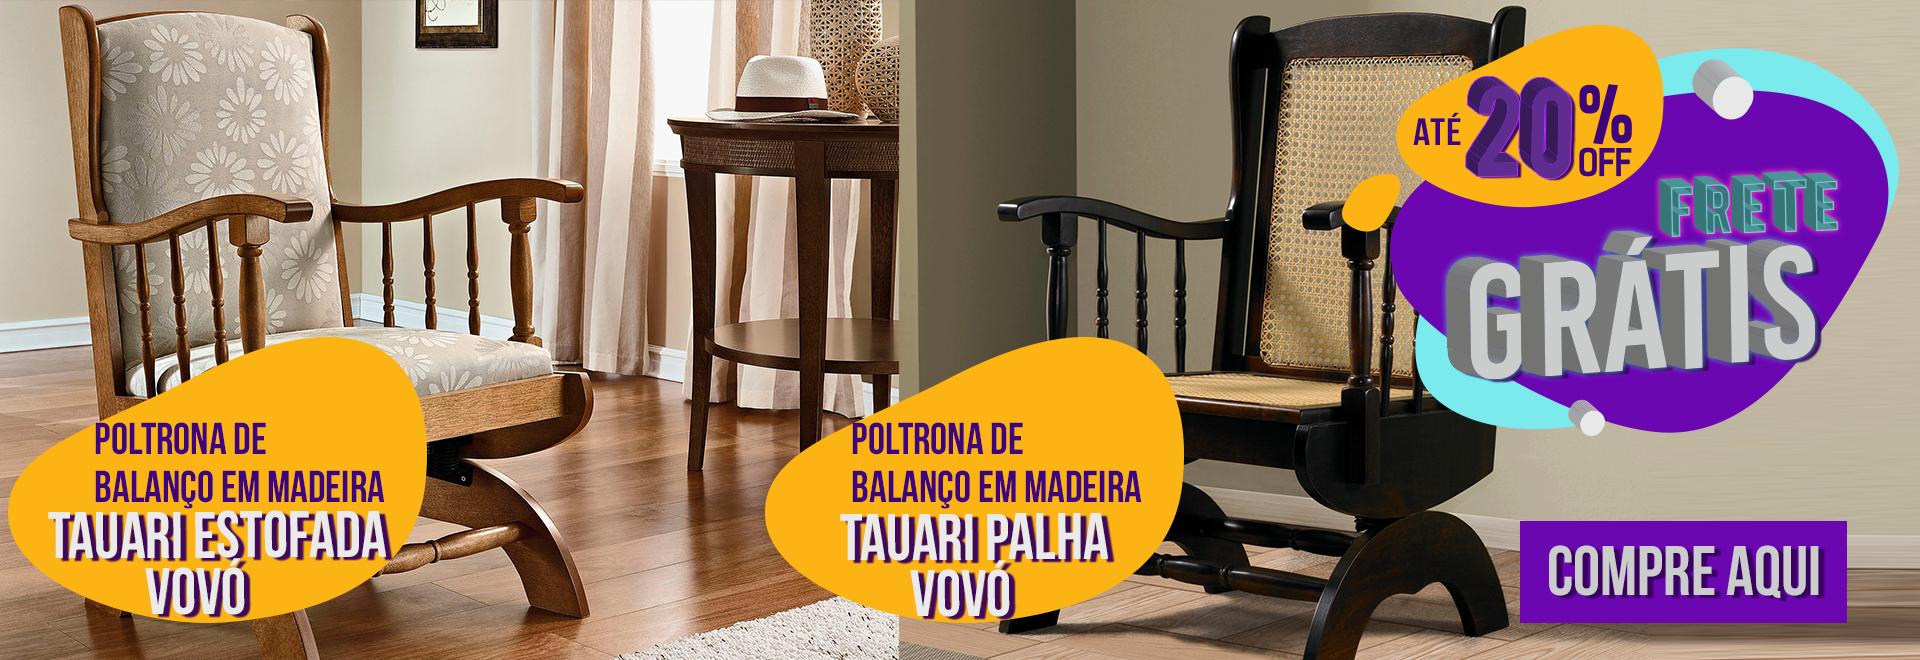 POLTRONAS DE BALANÇO - VOVÒ